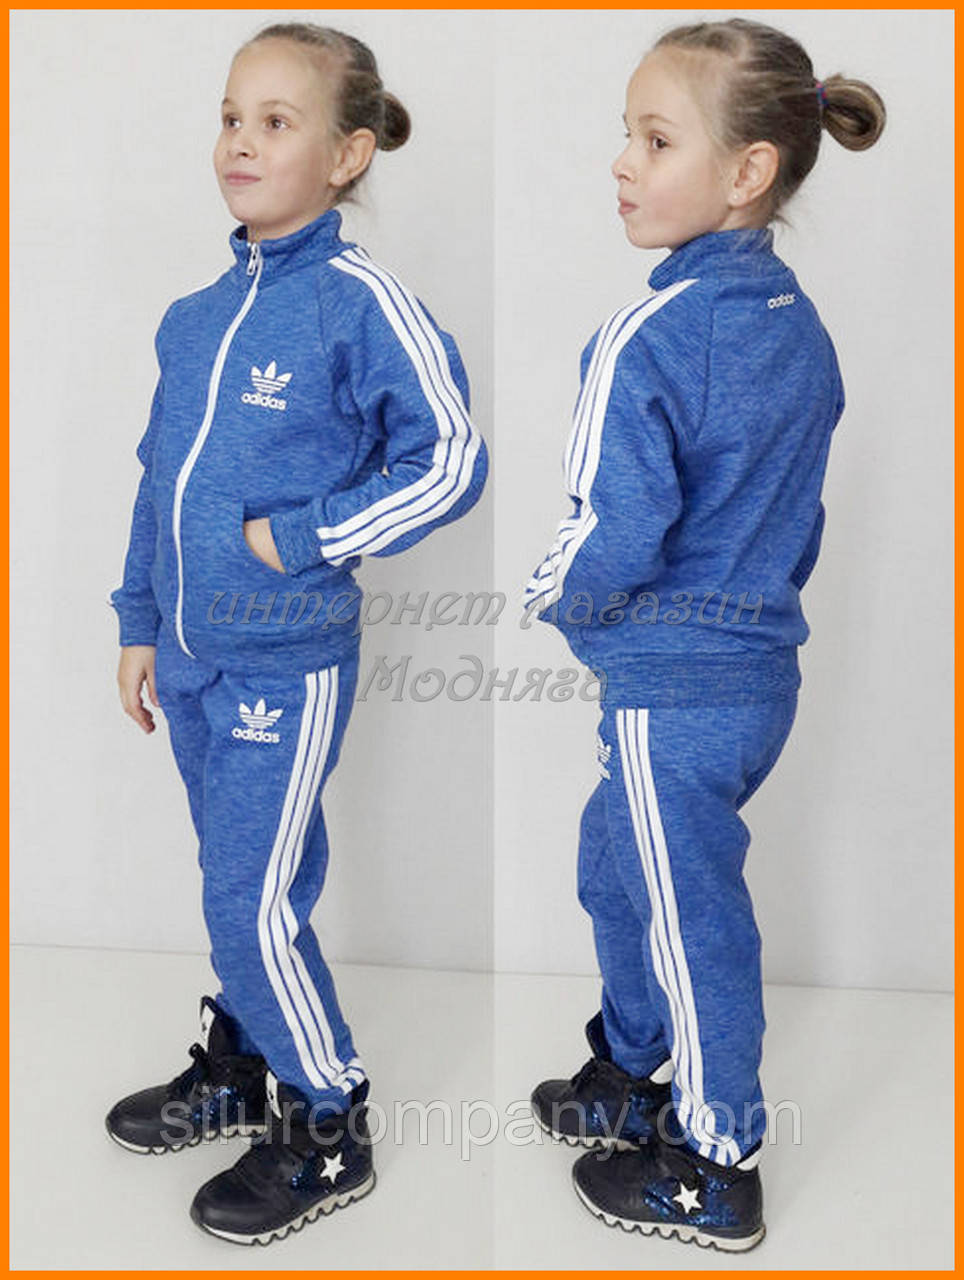 c0a04a79 Утепленный спортивный костюм Adidas детские размеры | меланж электрик -  Интернет магазин